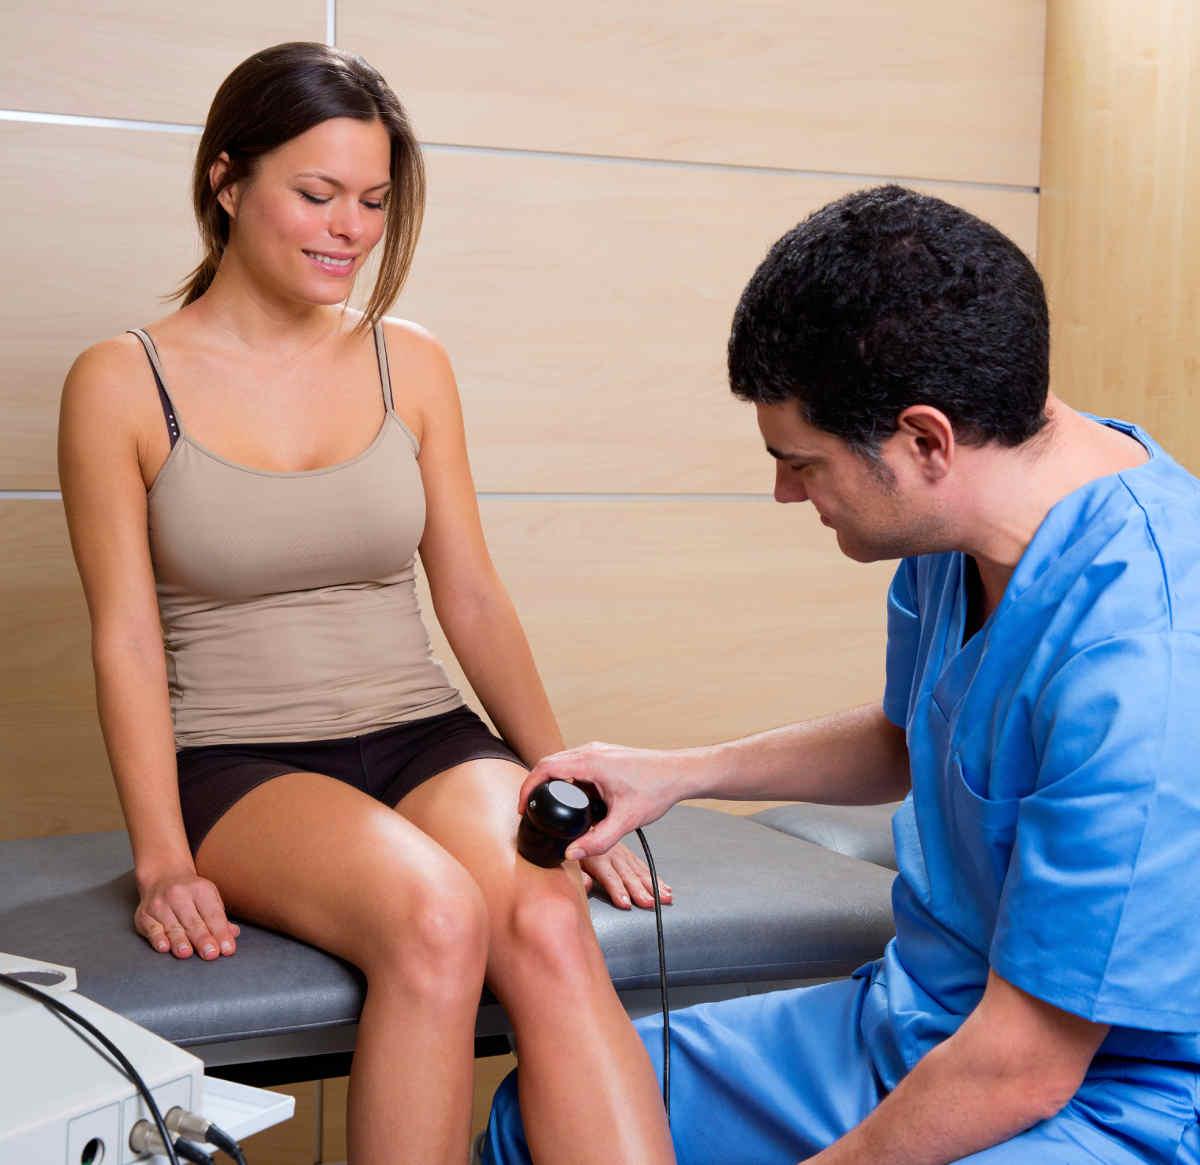 Tratament cu articulații cu ultrasunete - Durere de Genunchi - Cauze, Tratament & Remedii Naturiste